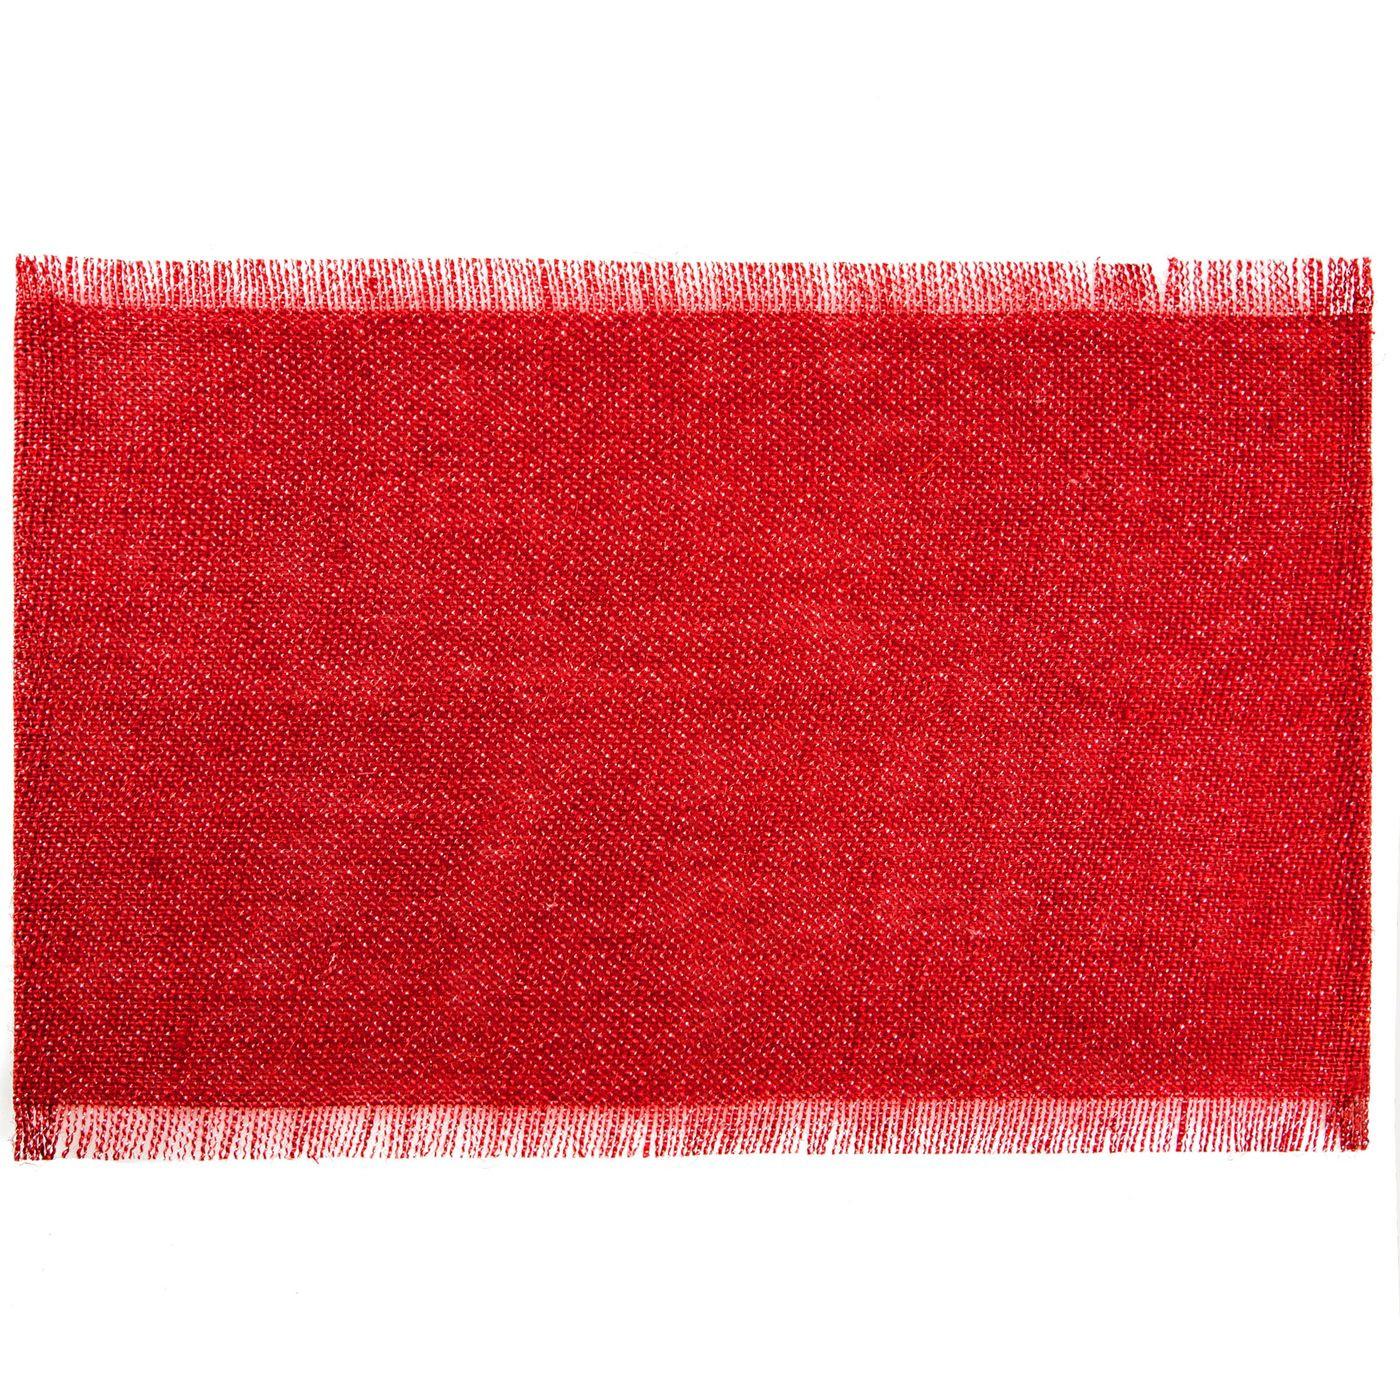 Czerwona podkładka stołowa z frędzlami 30x45 cm